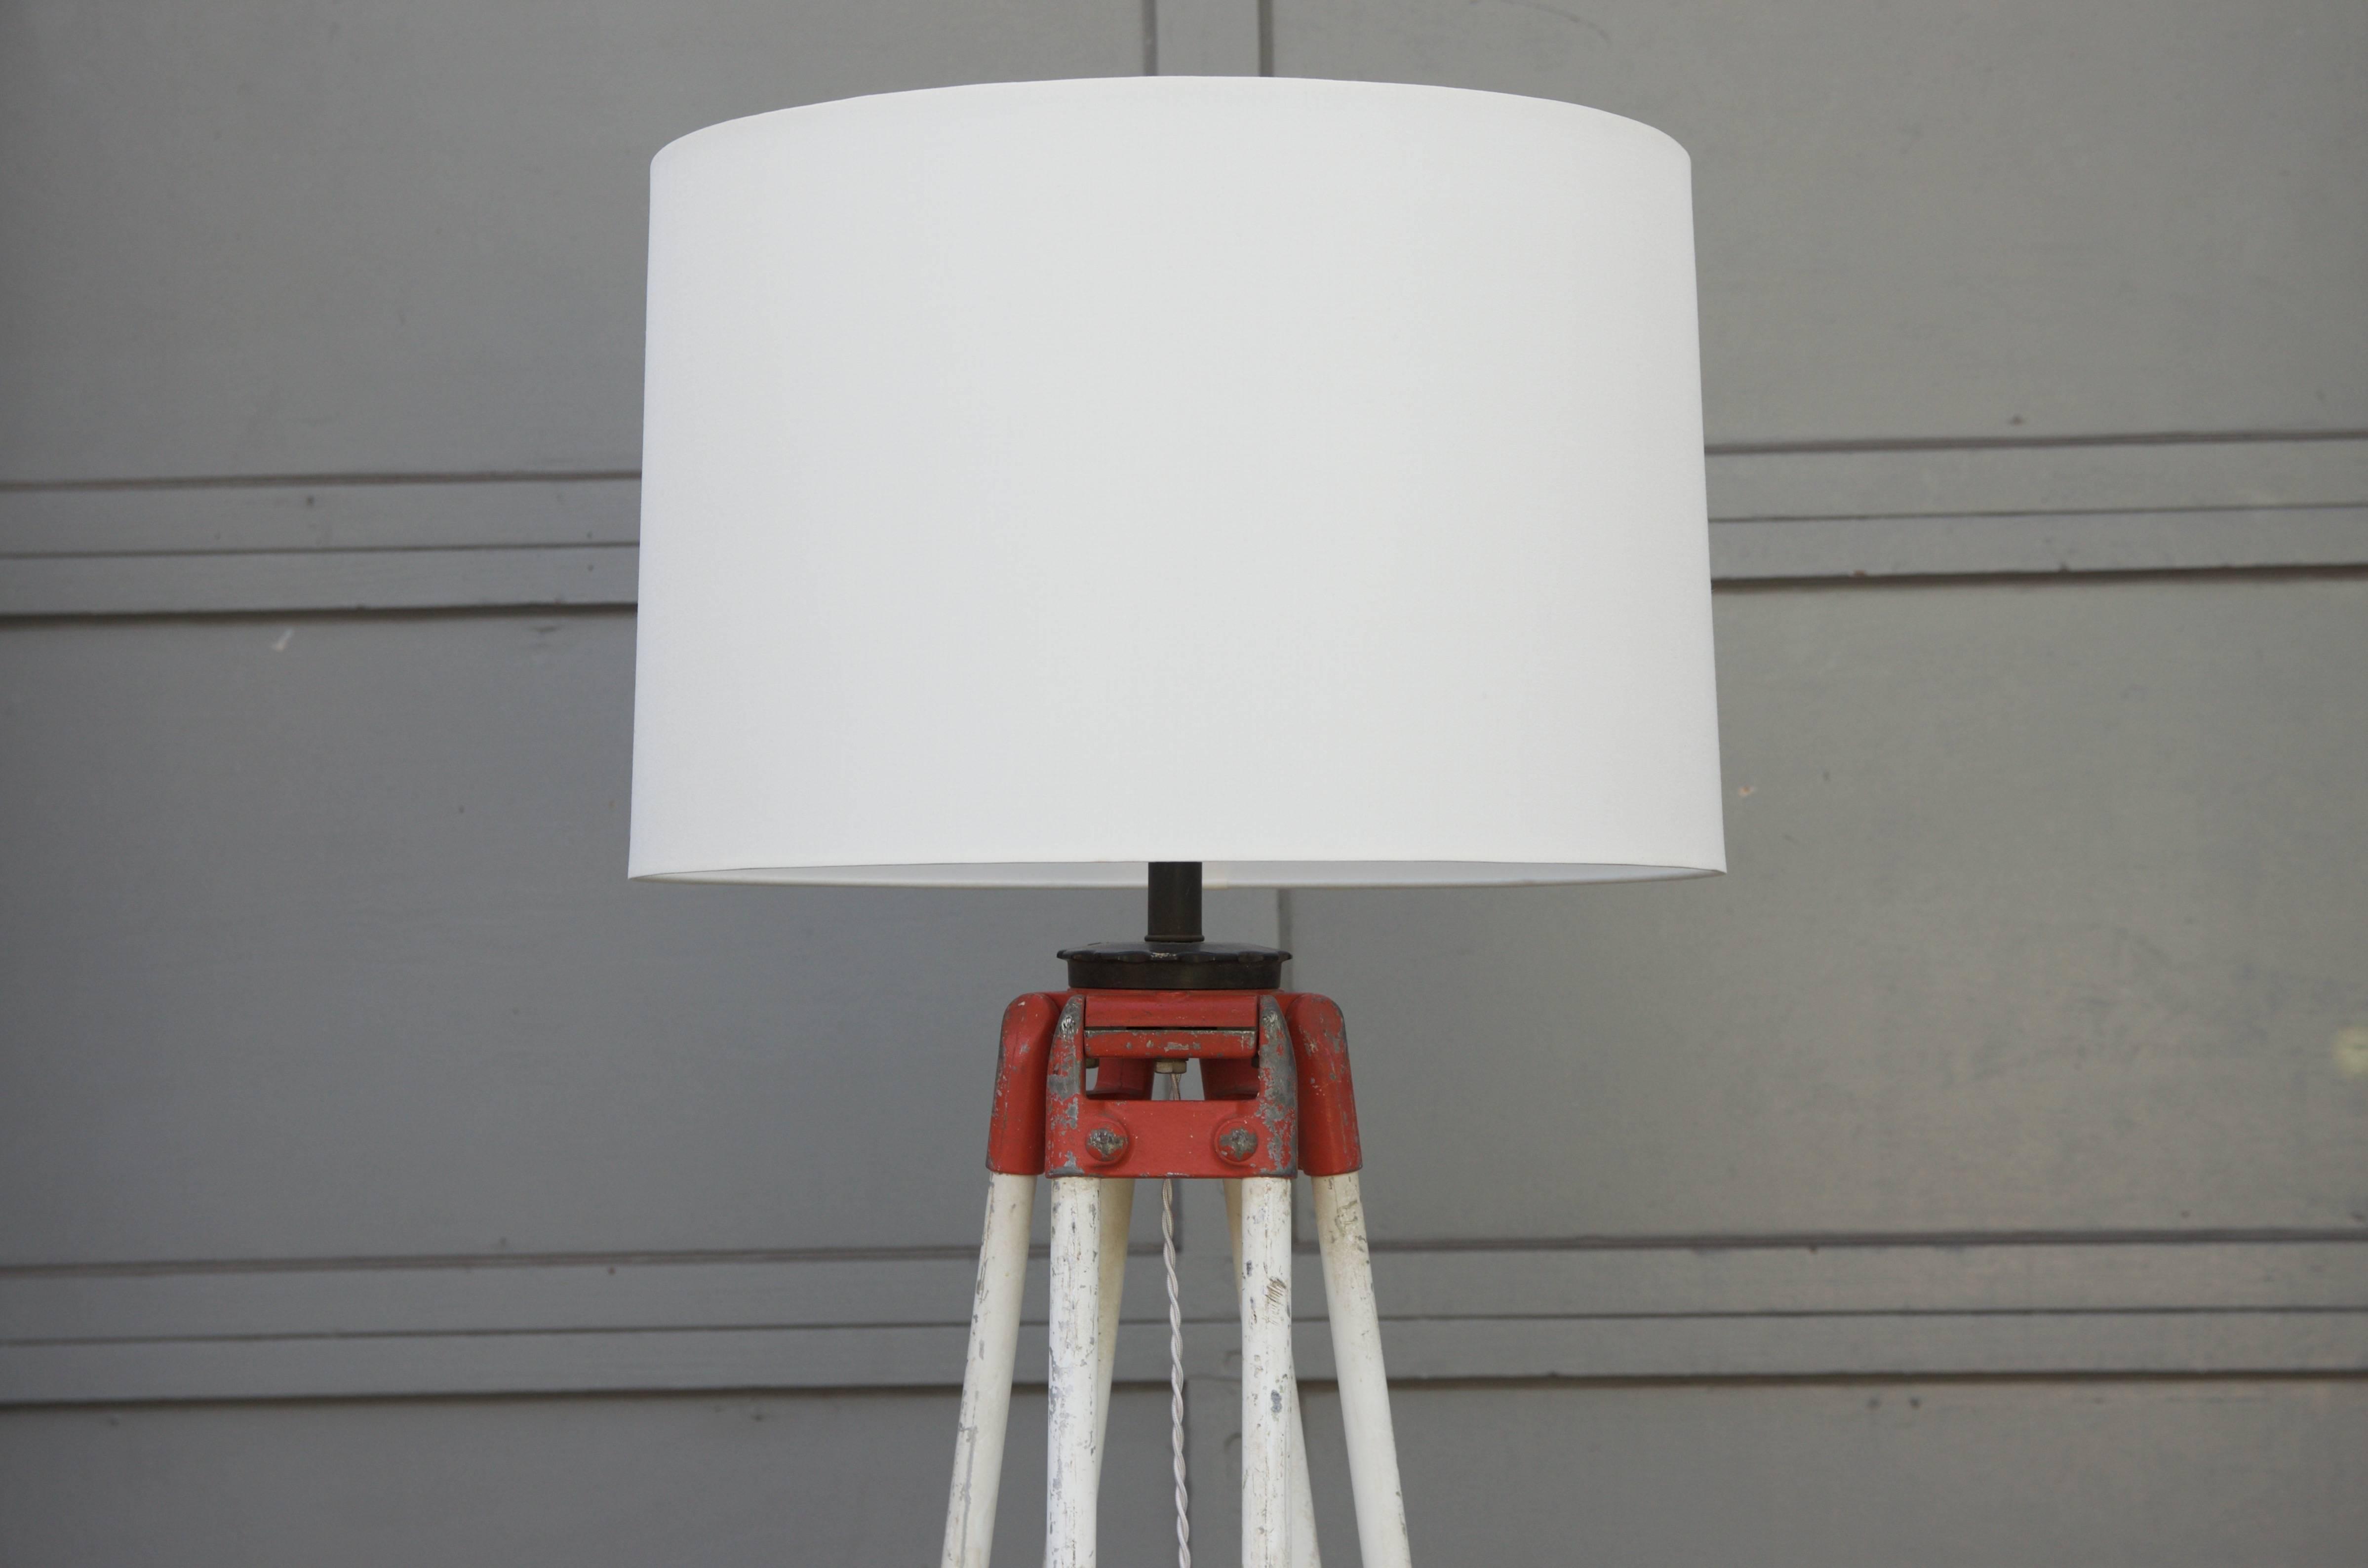 High End 1940s Tall Industrial Surveyor Tripod Floor Lamp Decaso